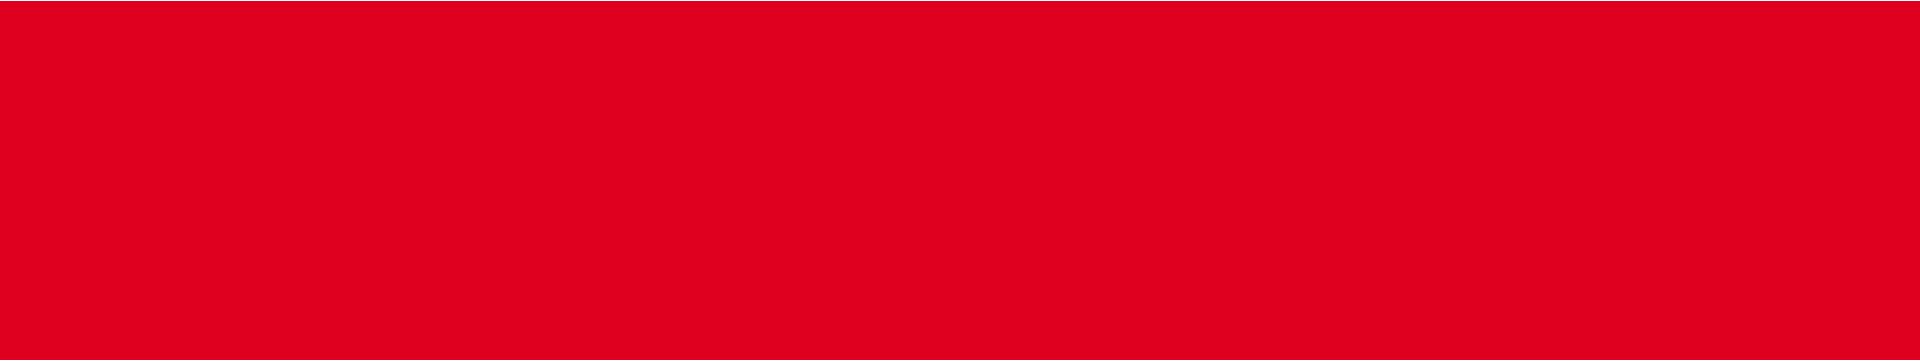 Div-Vermelha02.png